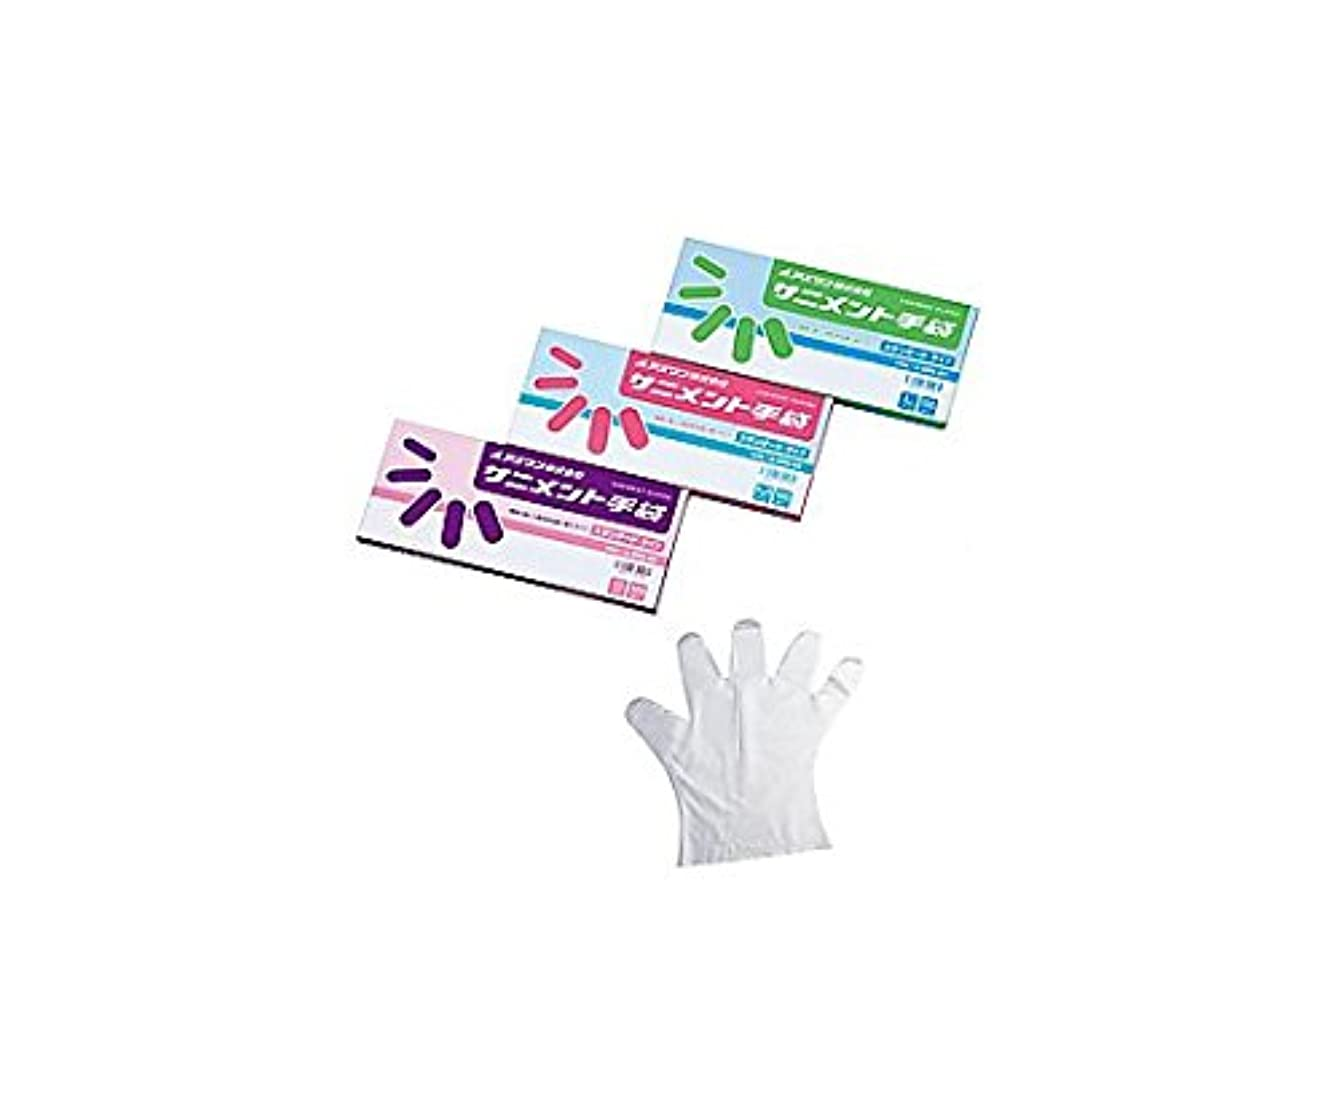 反対したフォーカス許容できるアズワン9-888-01ラボランサニメント手袋(PE?厚手タイプ)スタンダードL10箱+1箱